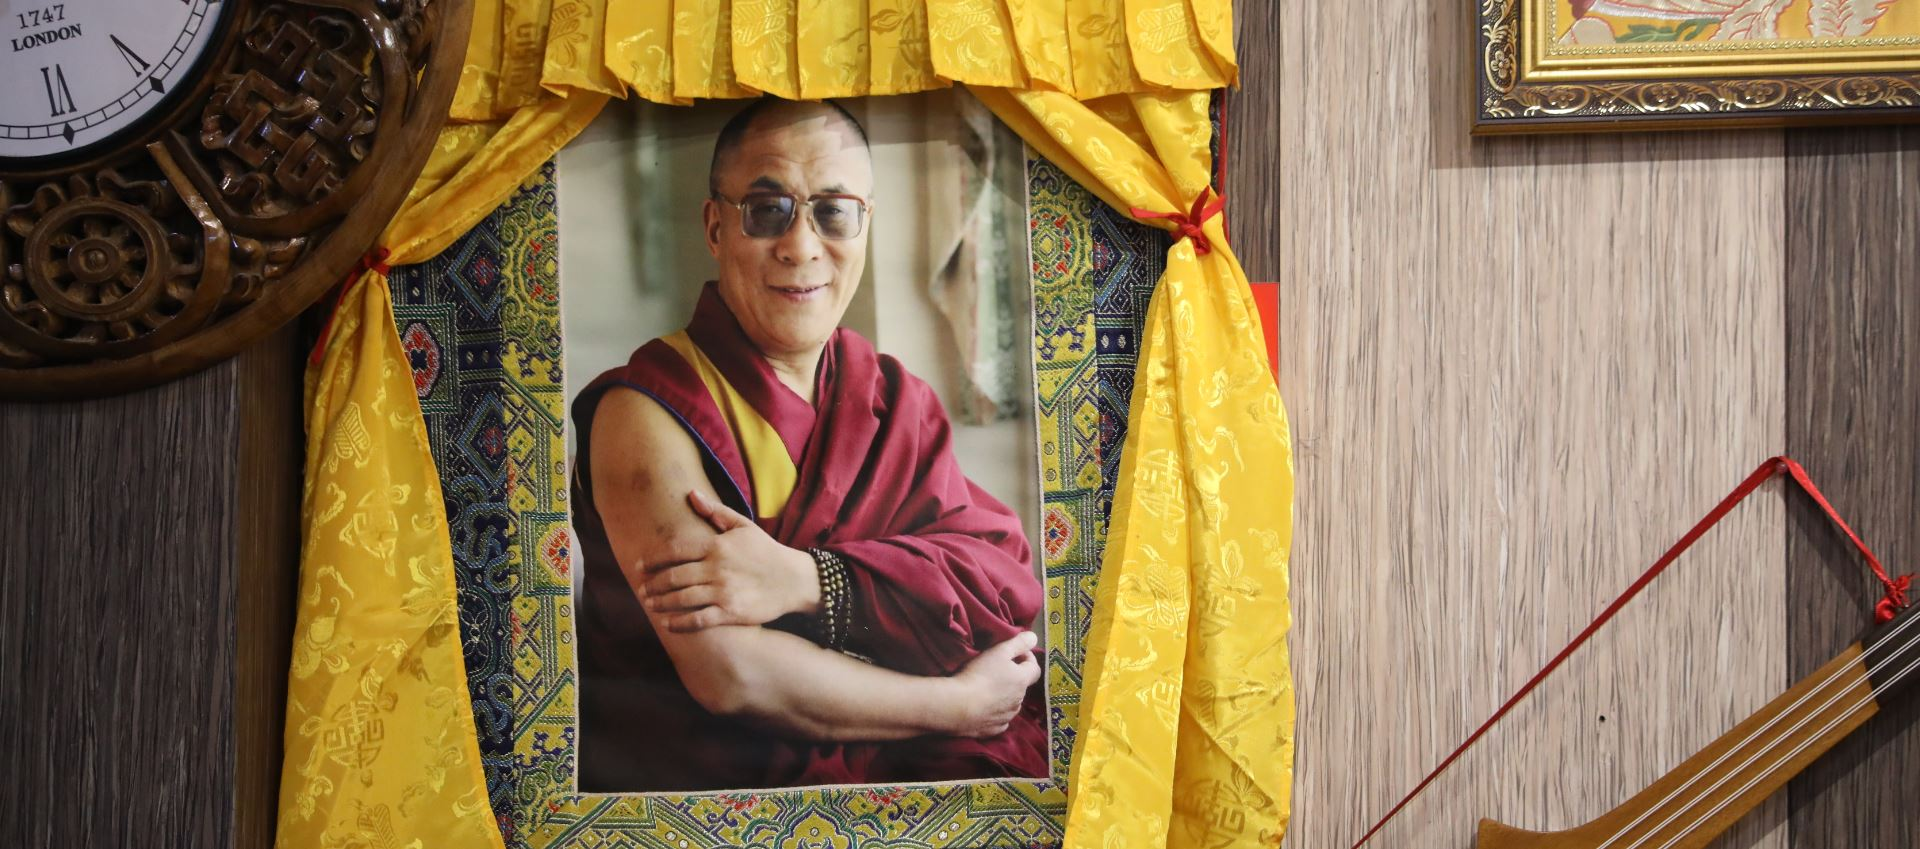 dalai lama mal